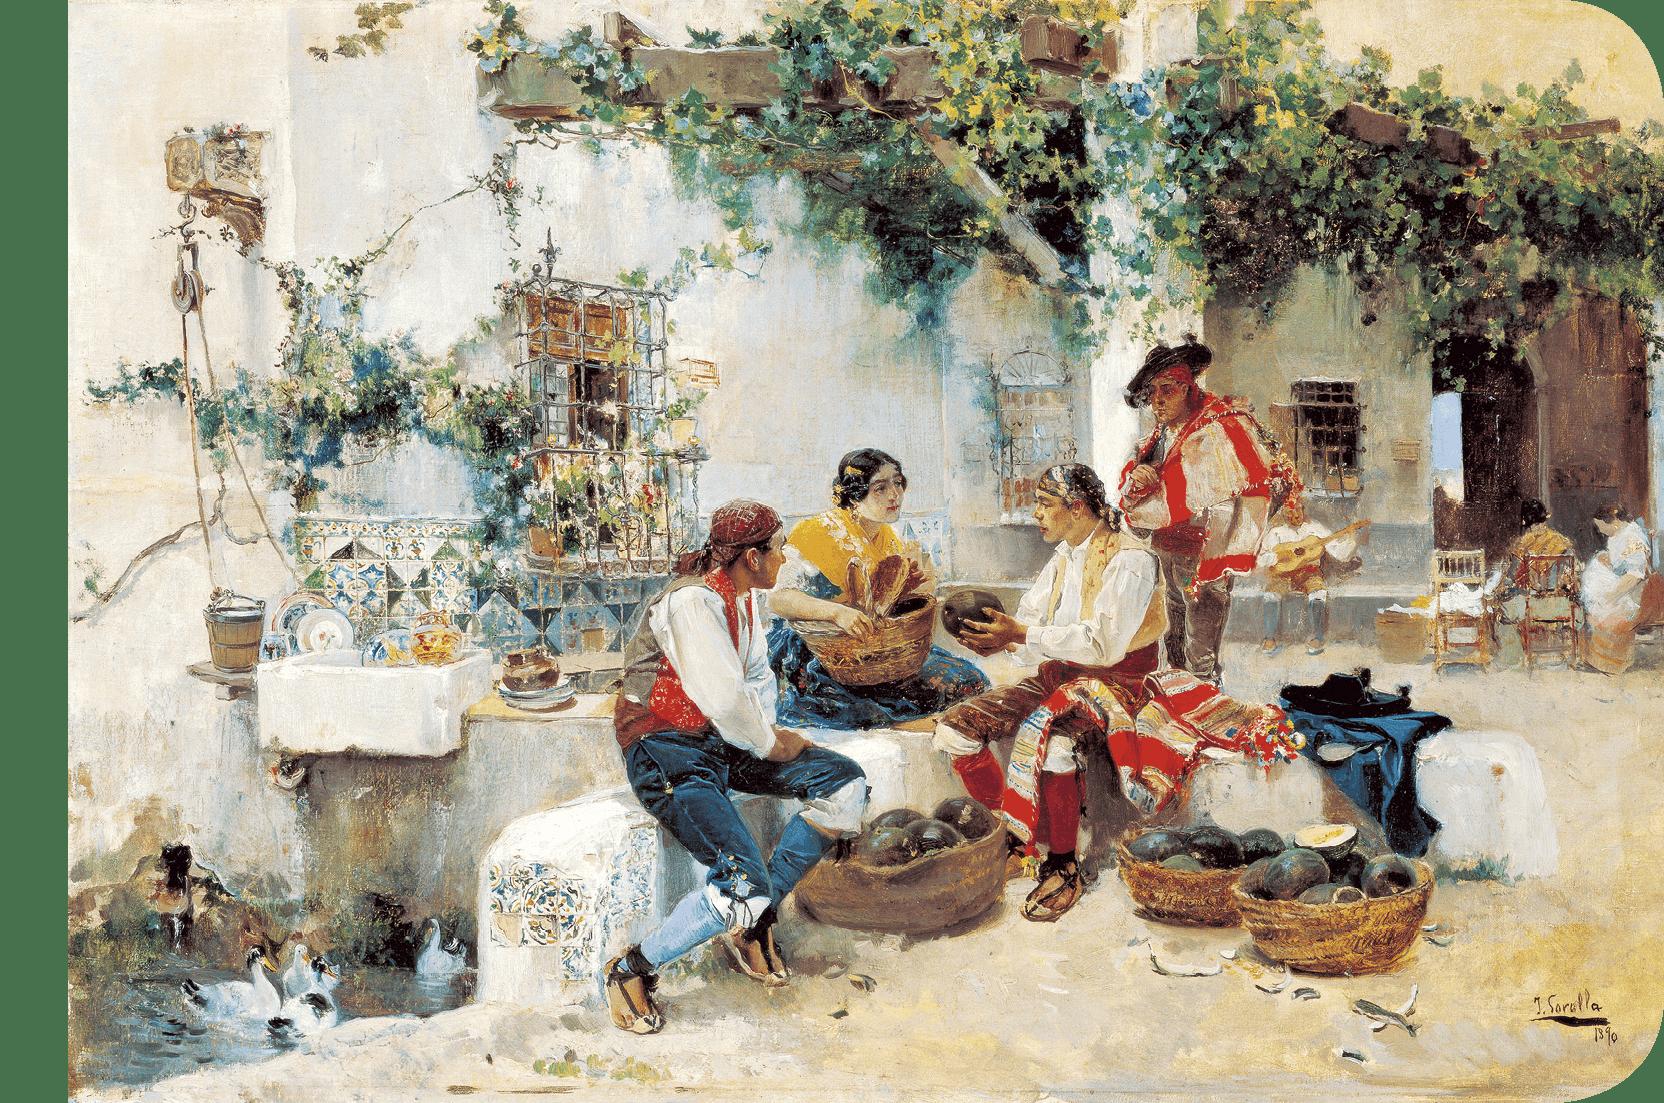 Joaquín Sorolla y Bastida, Vendiendo melones, 1890